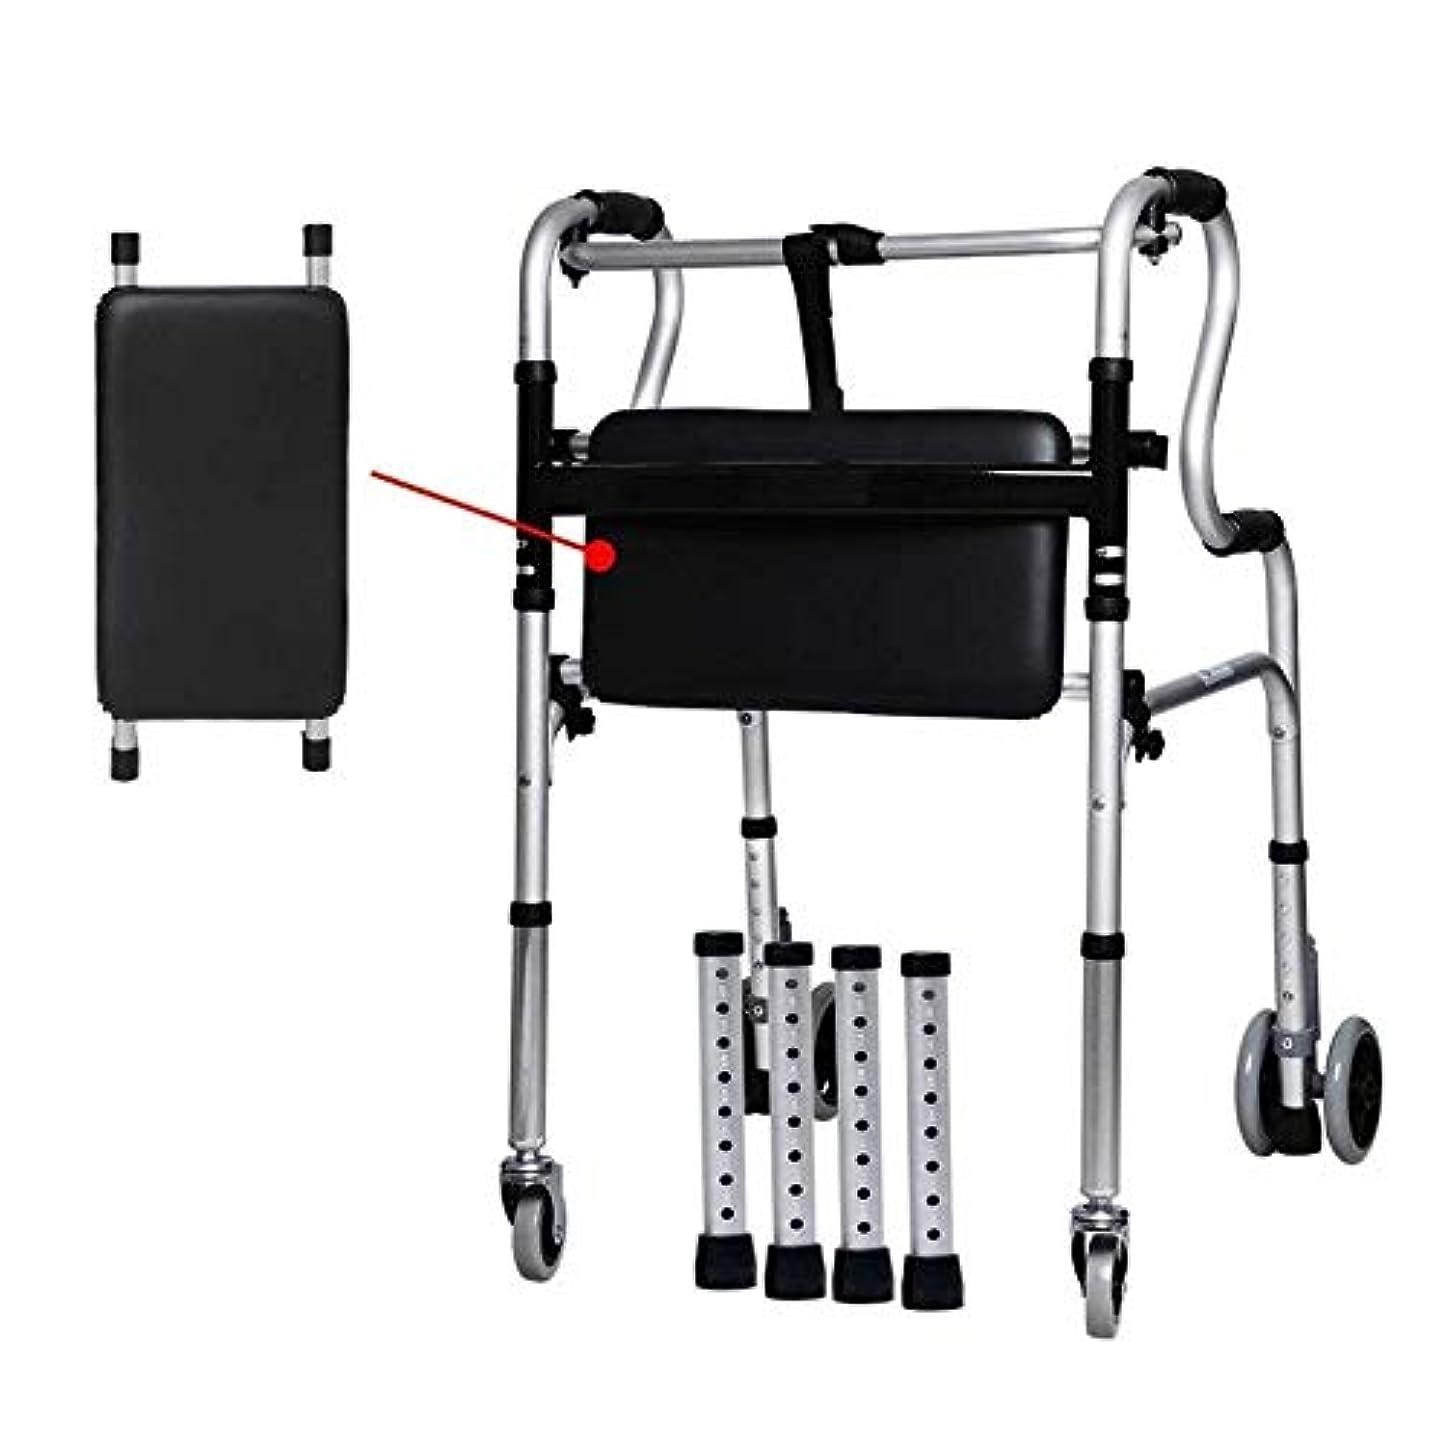 神秘的な半ば病車輪が付いている折る歩行者、不具の高齢者のためのロックできるブレーキが付いている軽いアルミ合金4輪歩行者